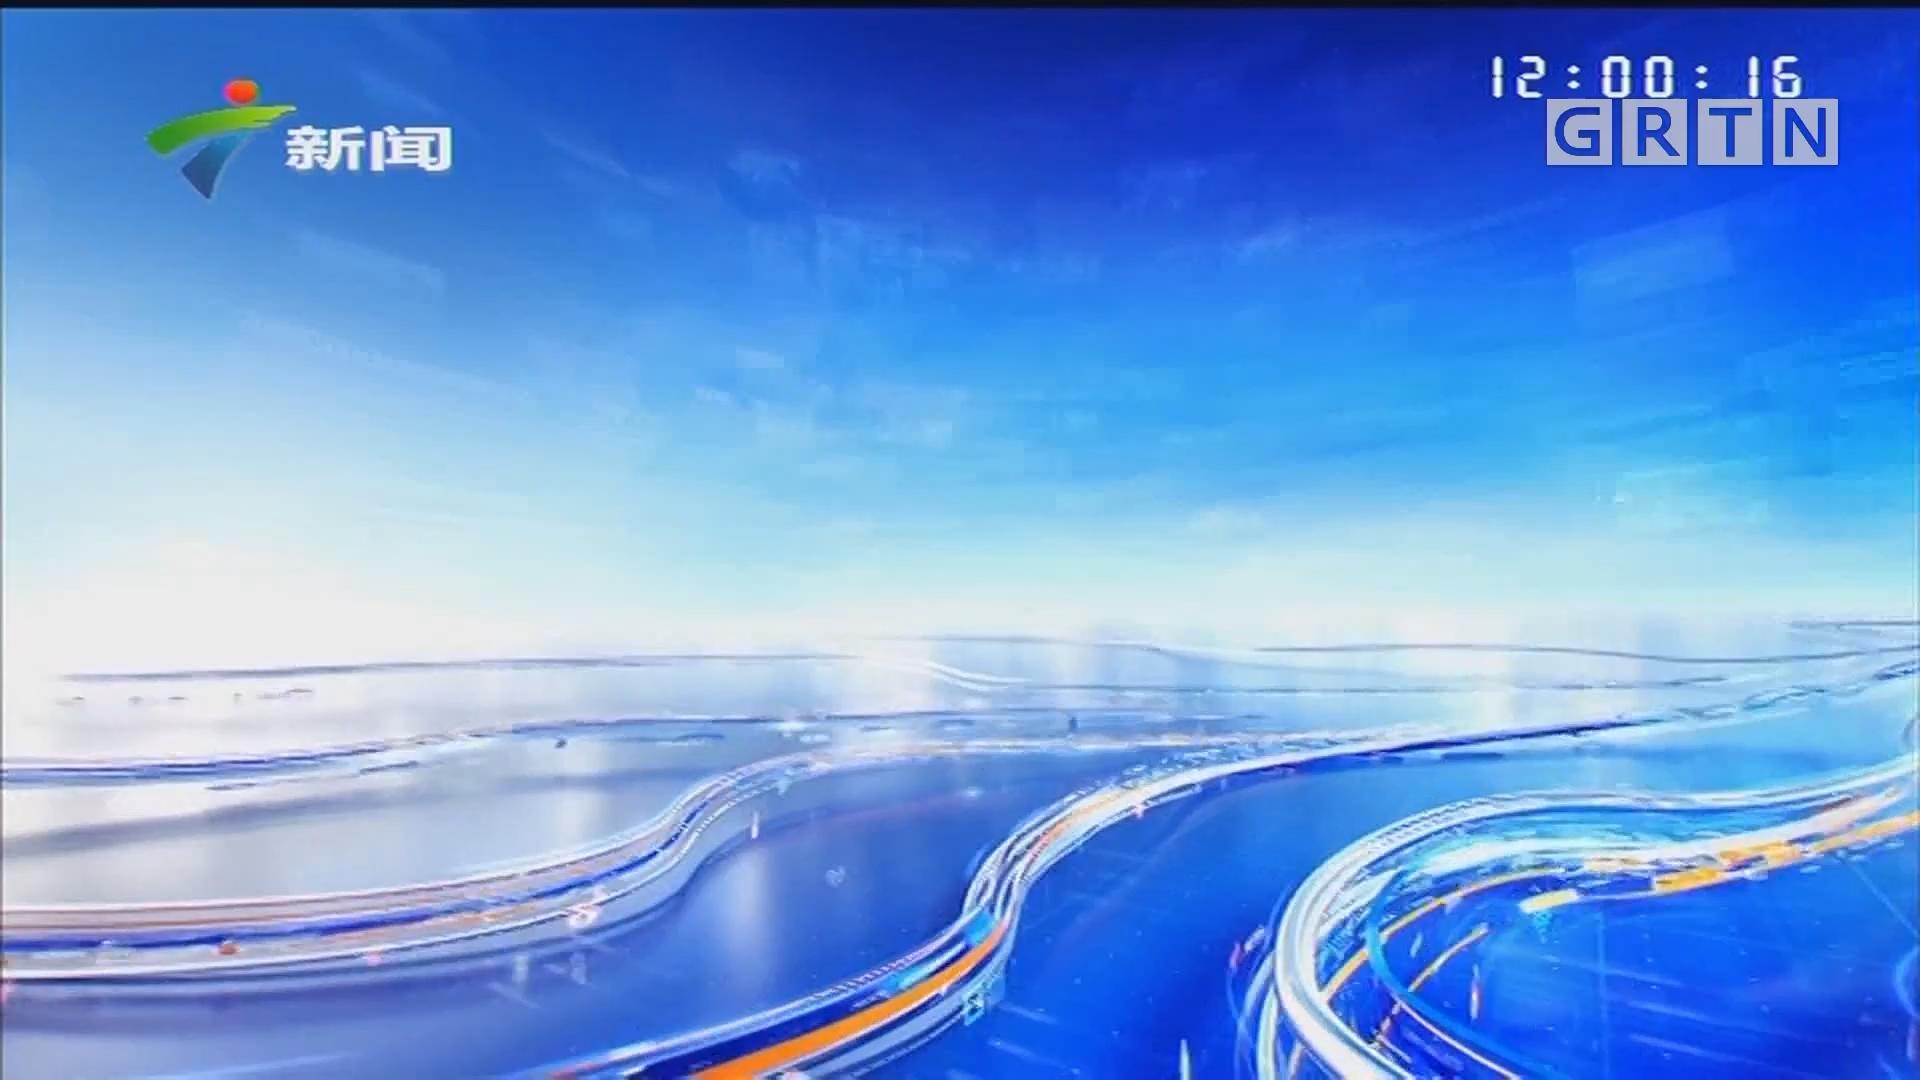 [HD][2019-06-15]直播广东:关注河源金东大江大桥坍塌事故:6名潜水员下水 出动声纳进行多轮搜救